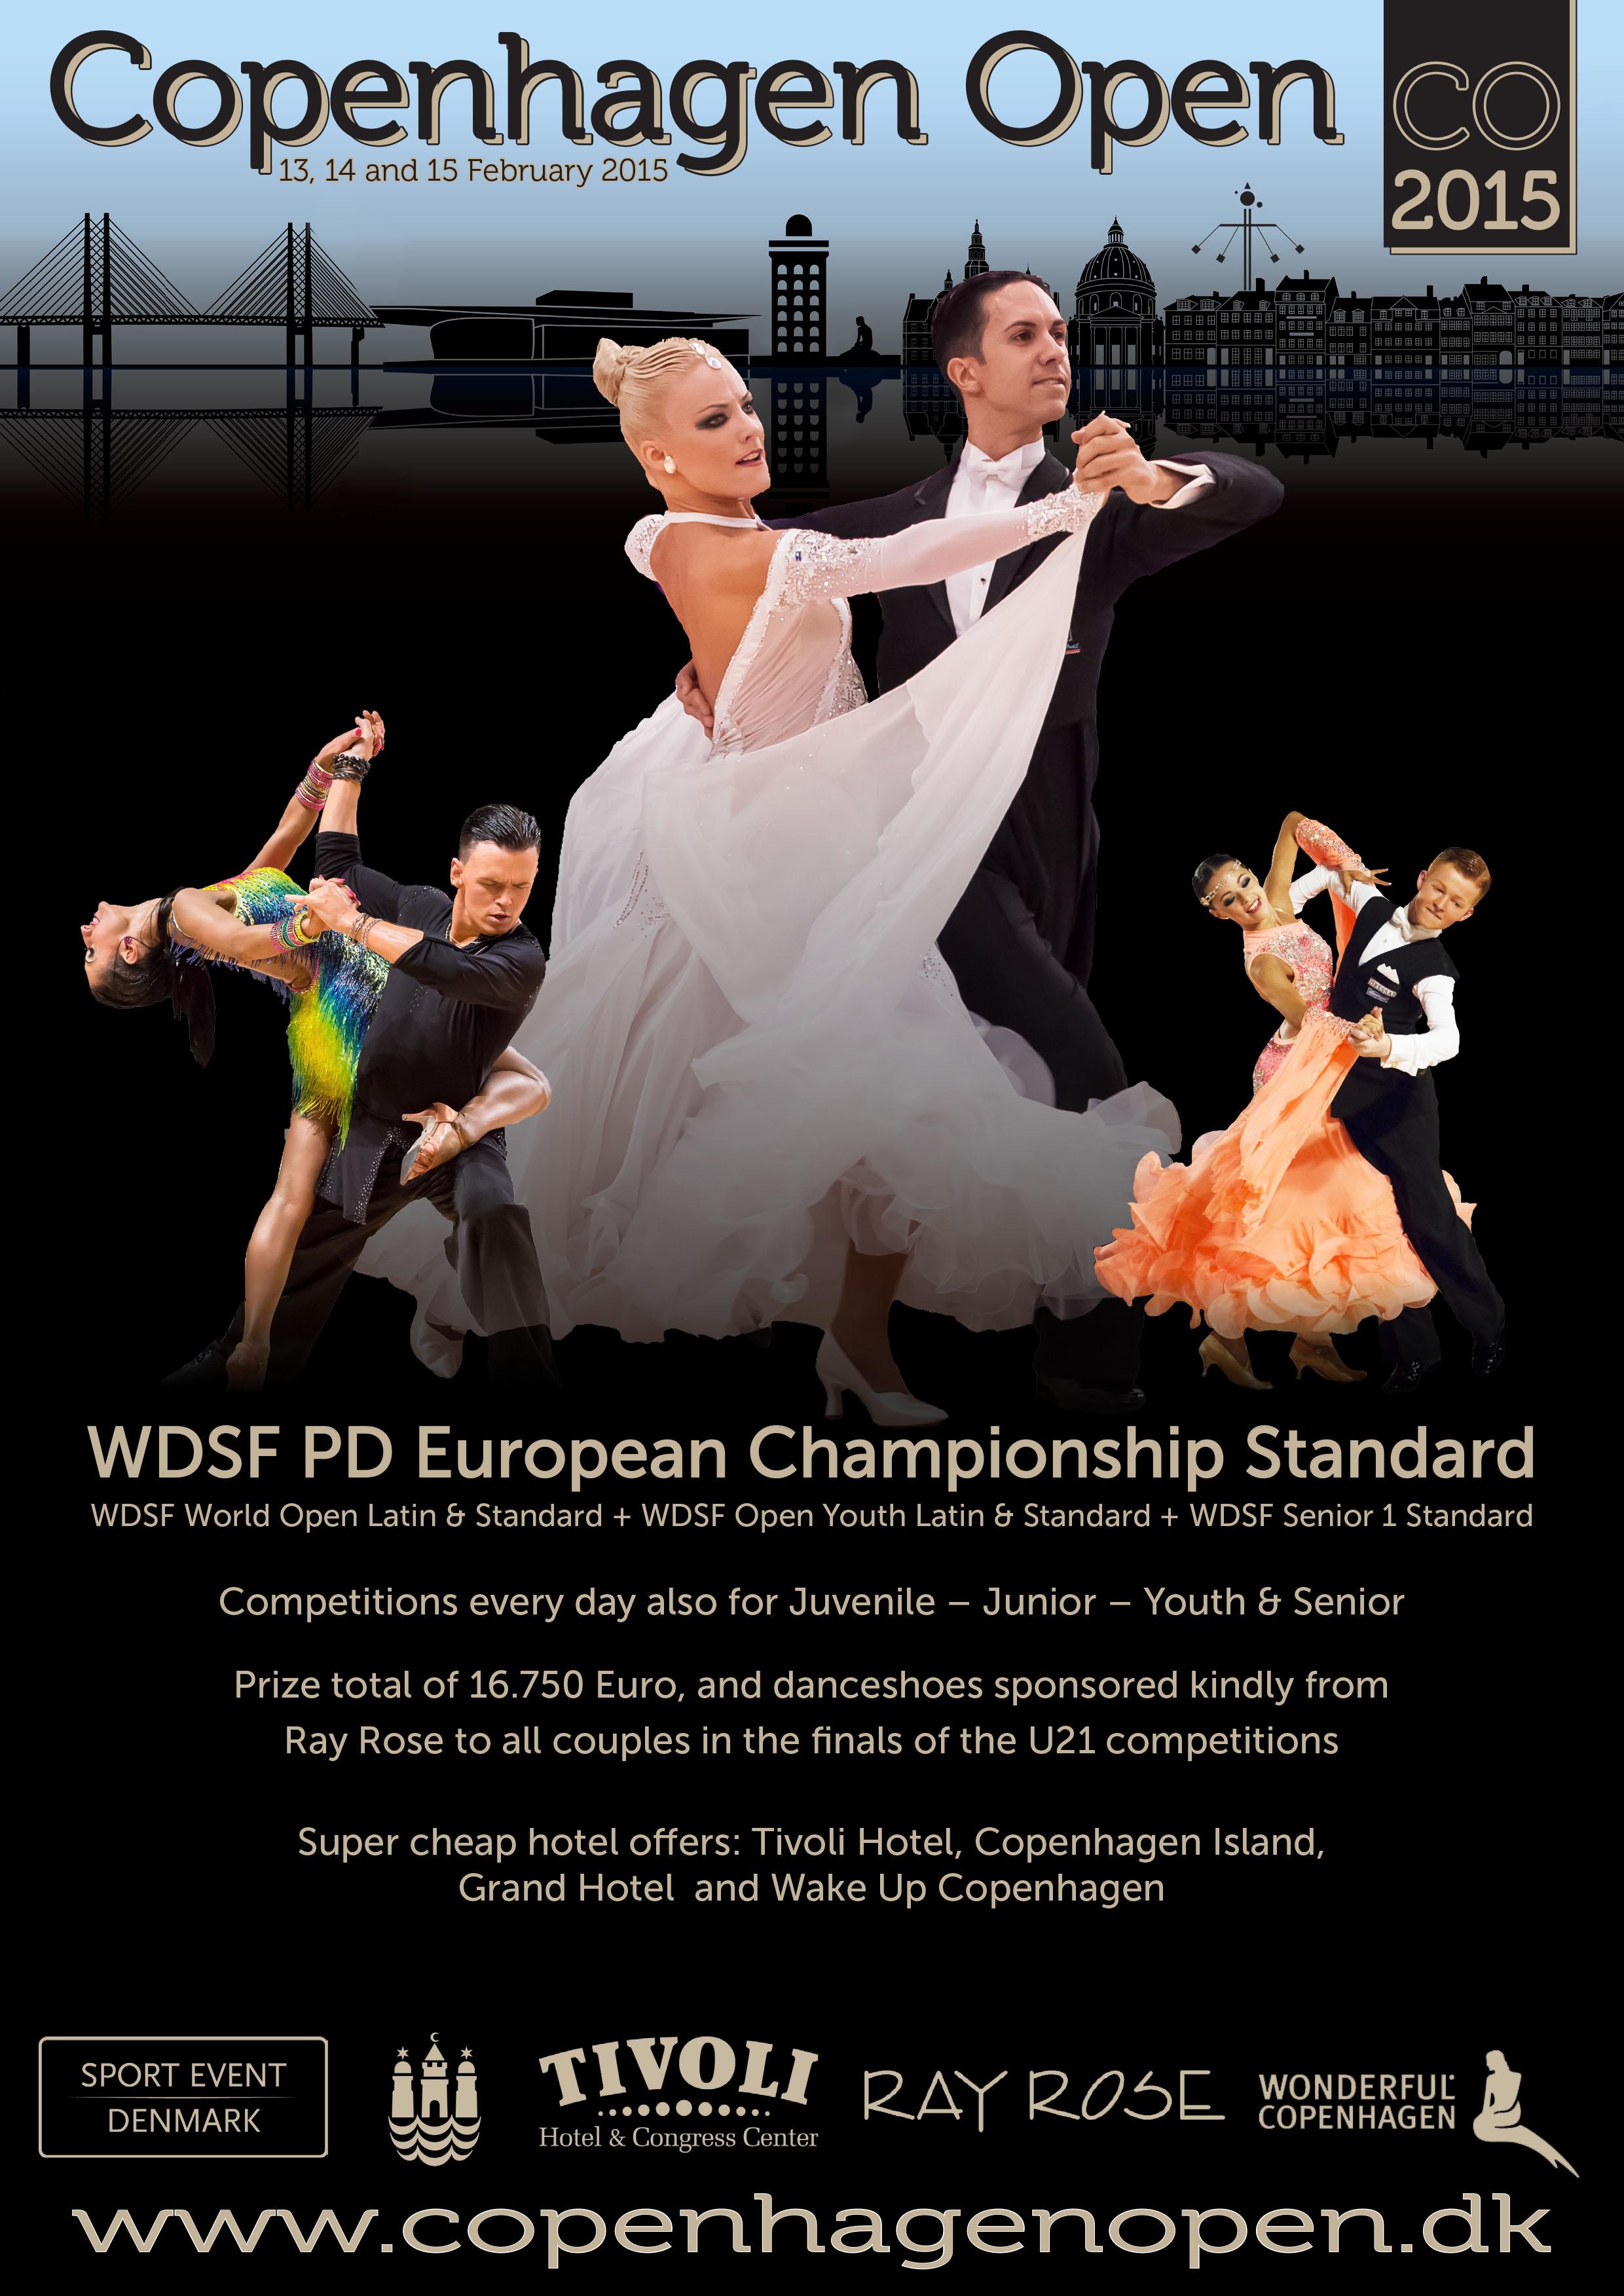 Copenhagen Open 2015 & WDSF PD European Championship Standard